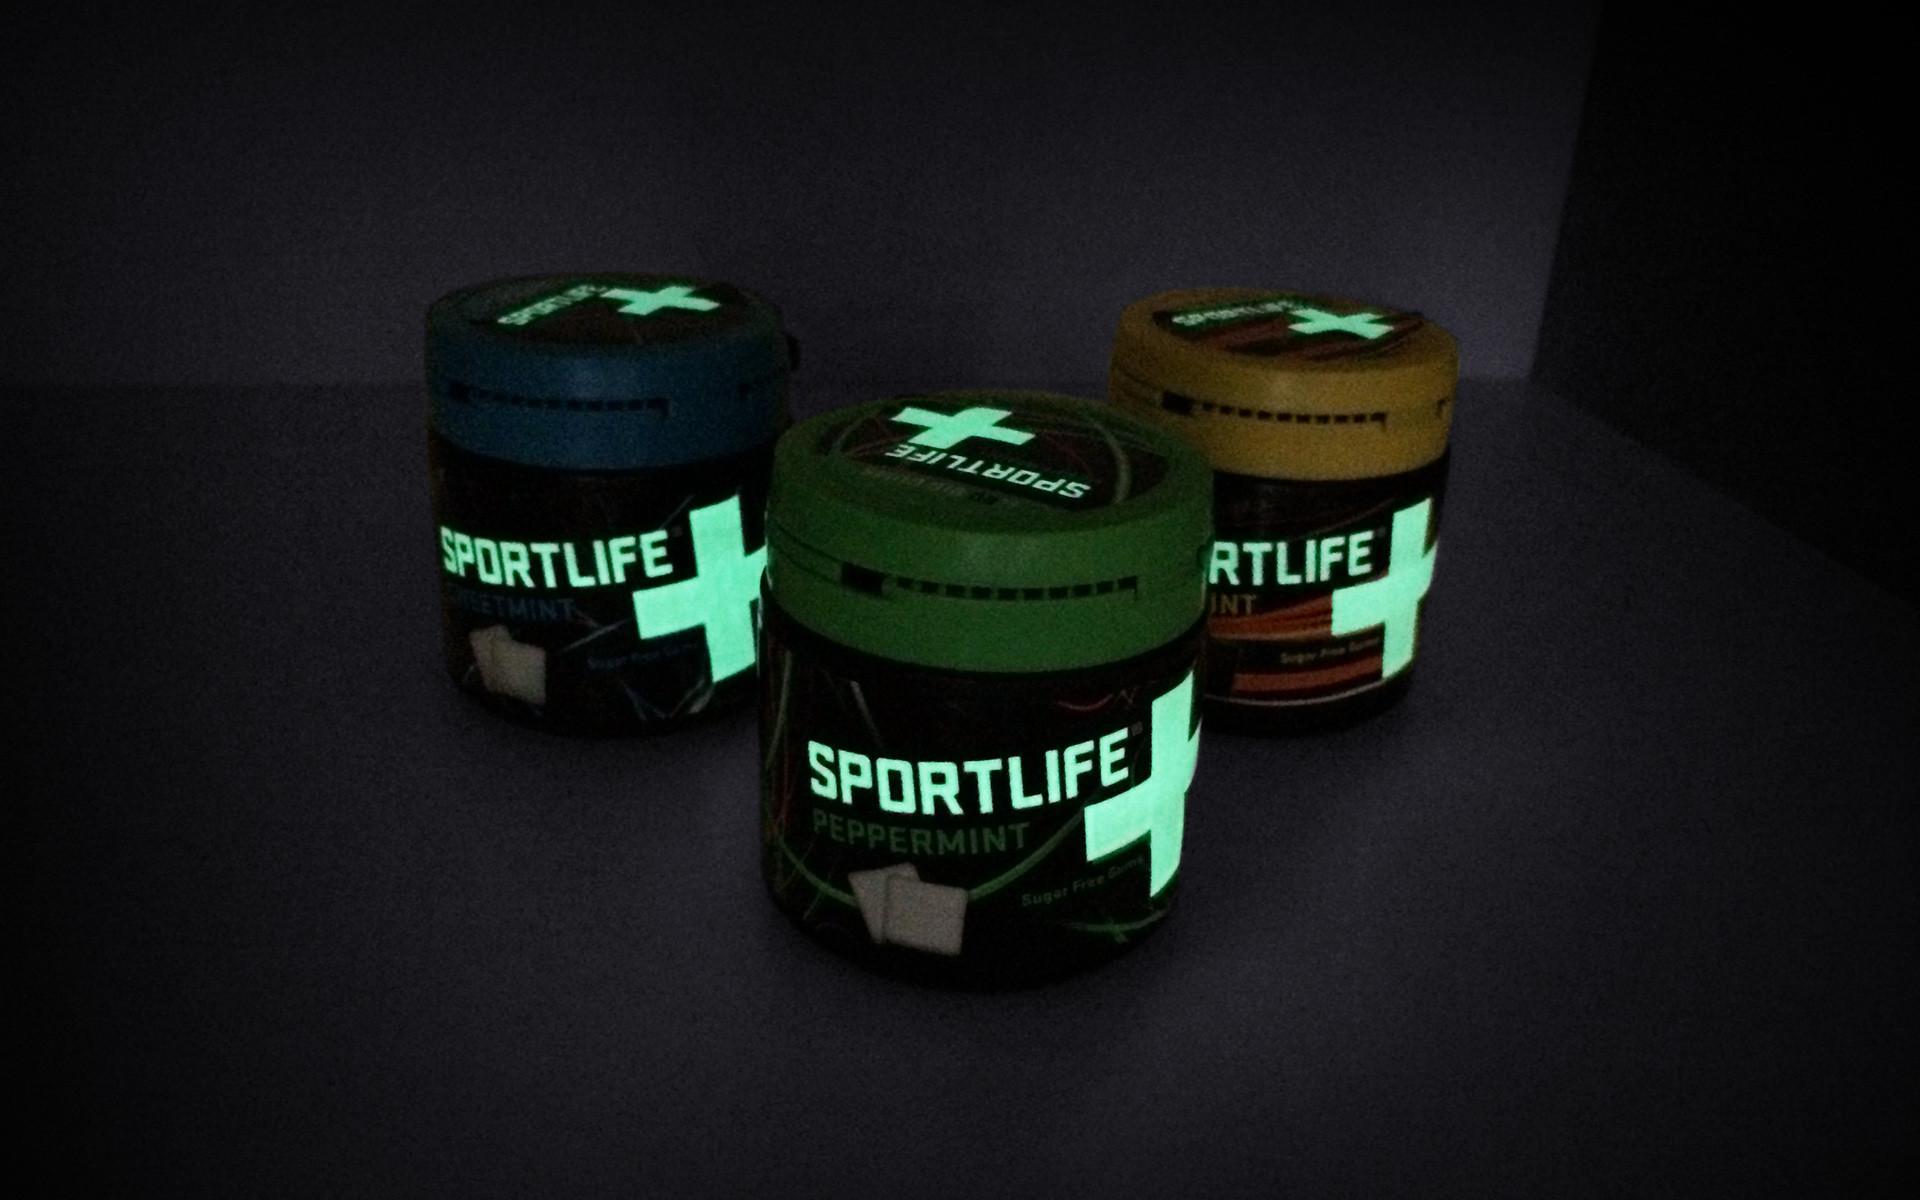 Sportlife_05